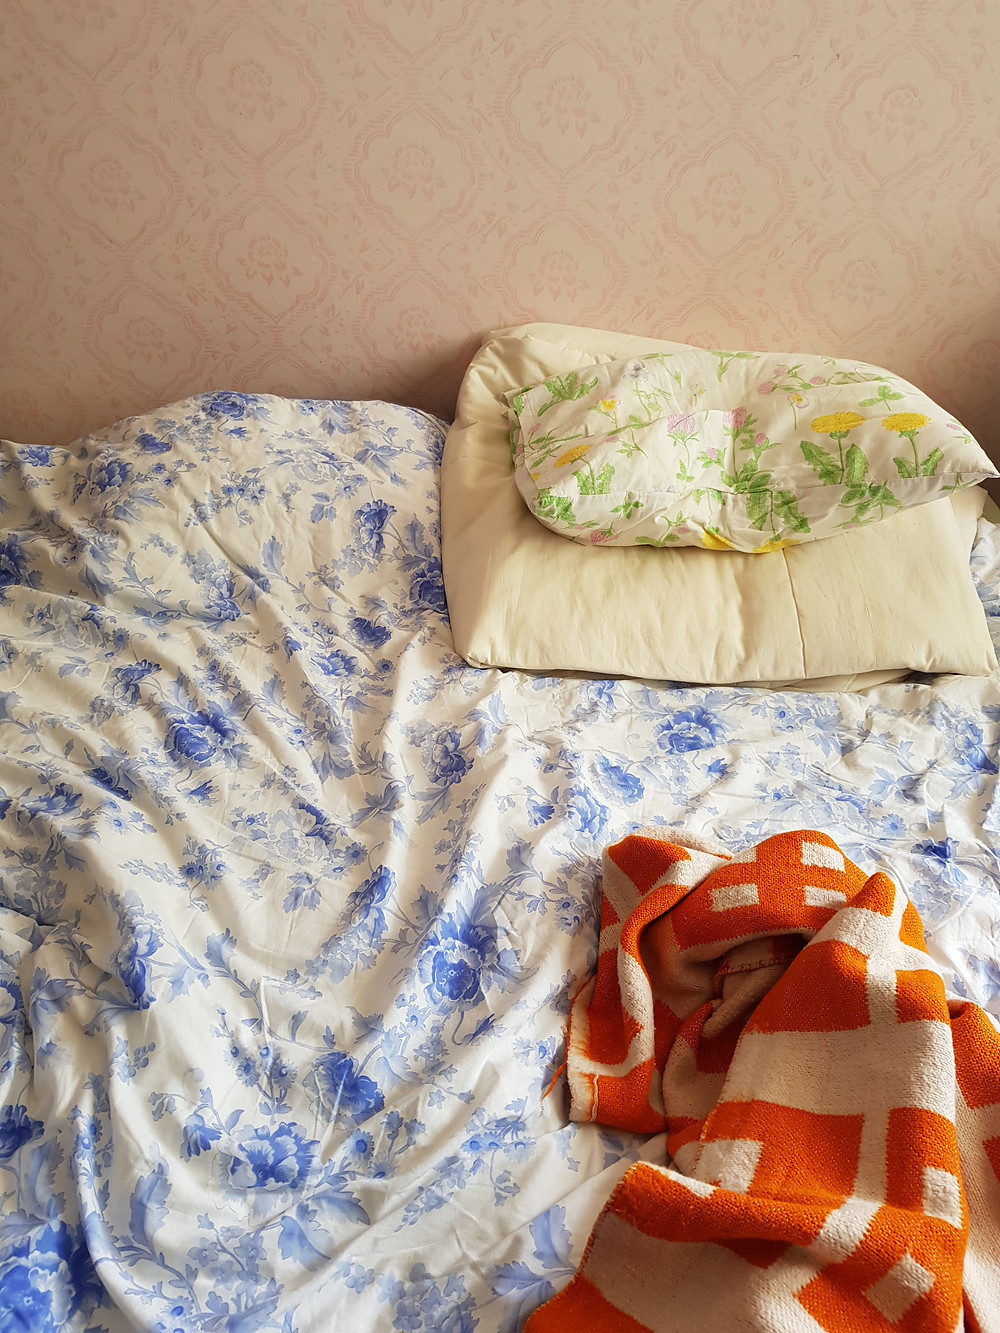 Kuva sängystä, jossa on ryppyinen sinivalkokukallinen peitto, oranssivalkoinen viltti ja vihreäkukallinen tyyny. Taustalla seinä, jossa vanhaa tapettia.